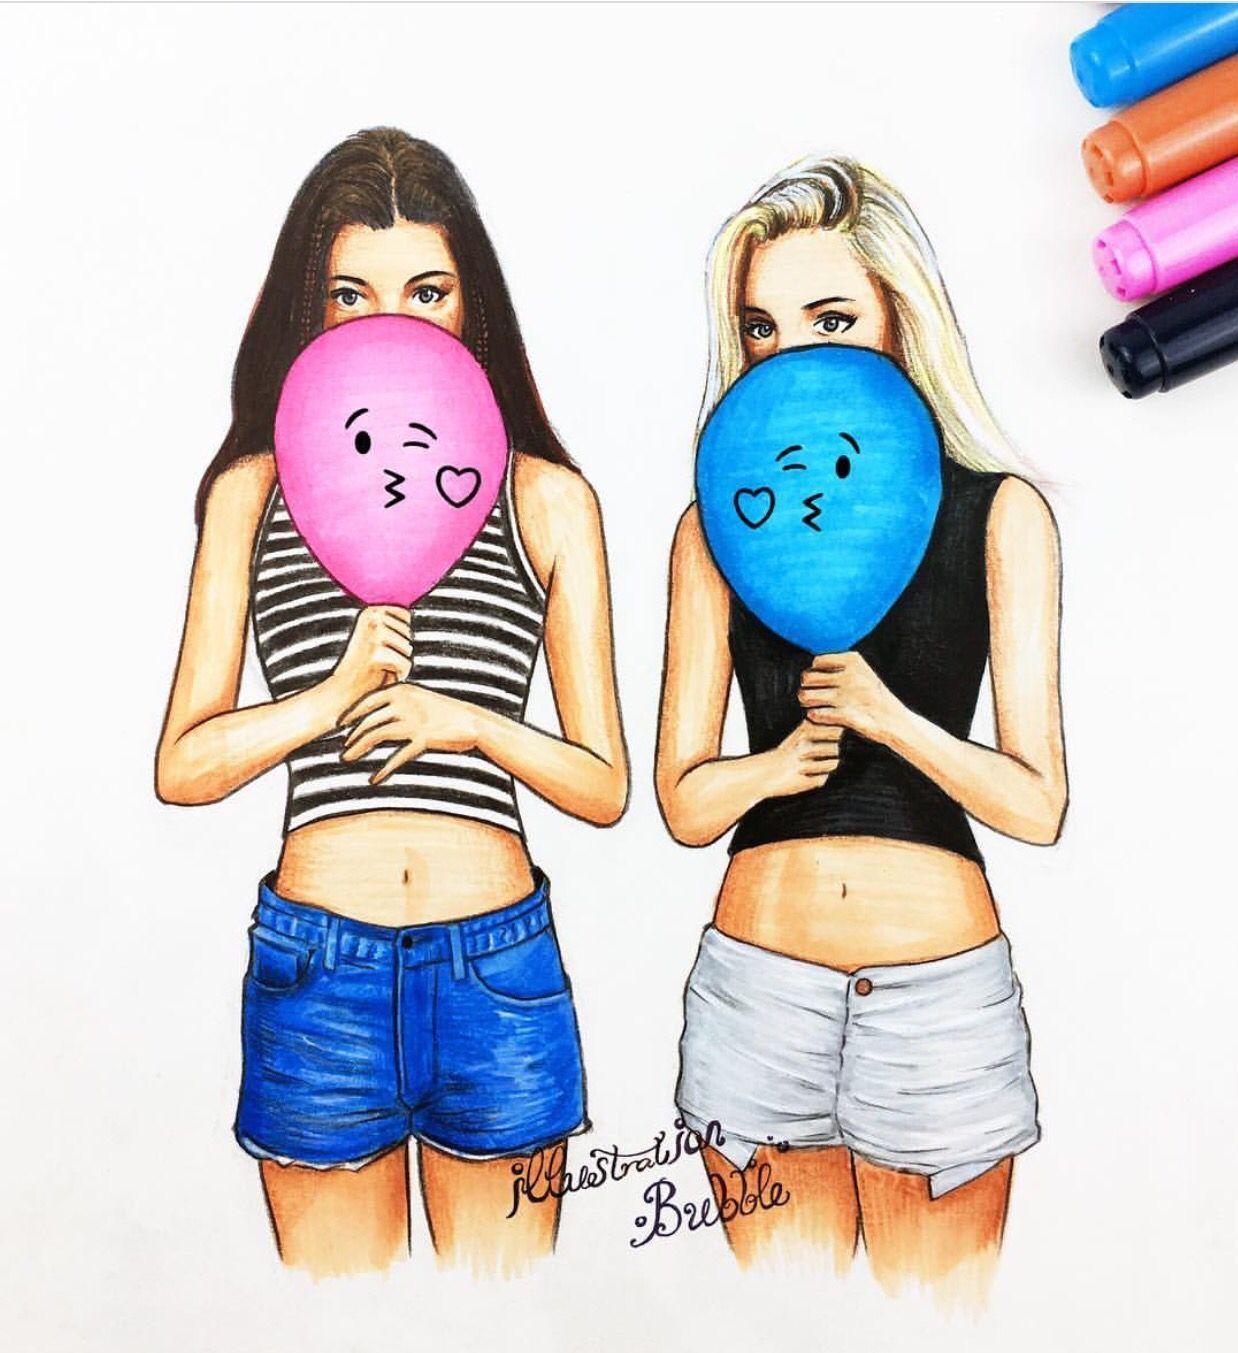 Drawfaces friends drawing cute best friend drawings best friend sketches cute drawings